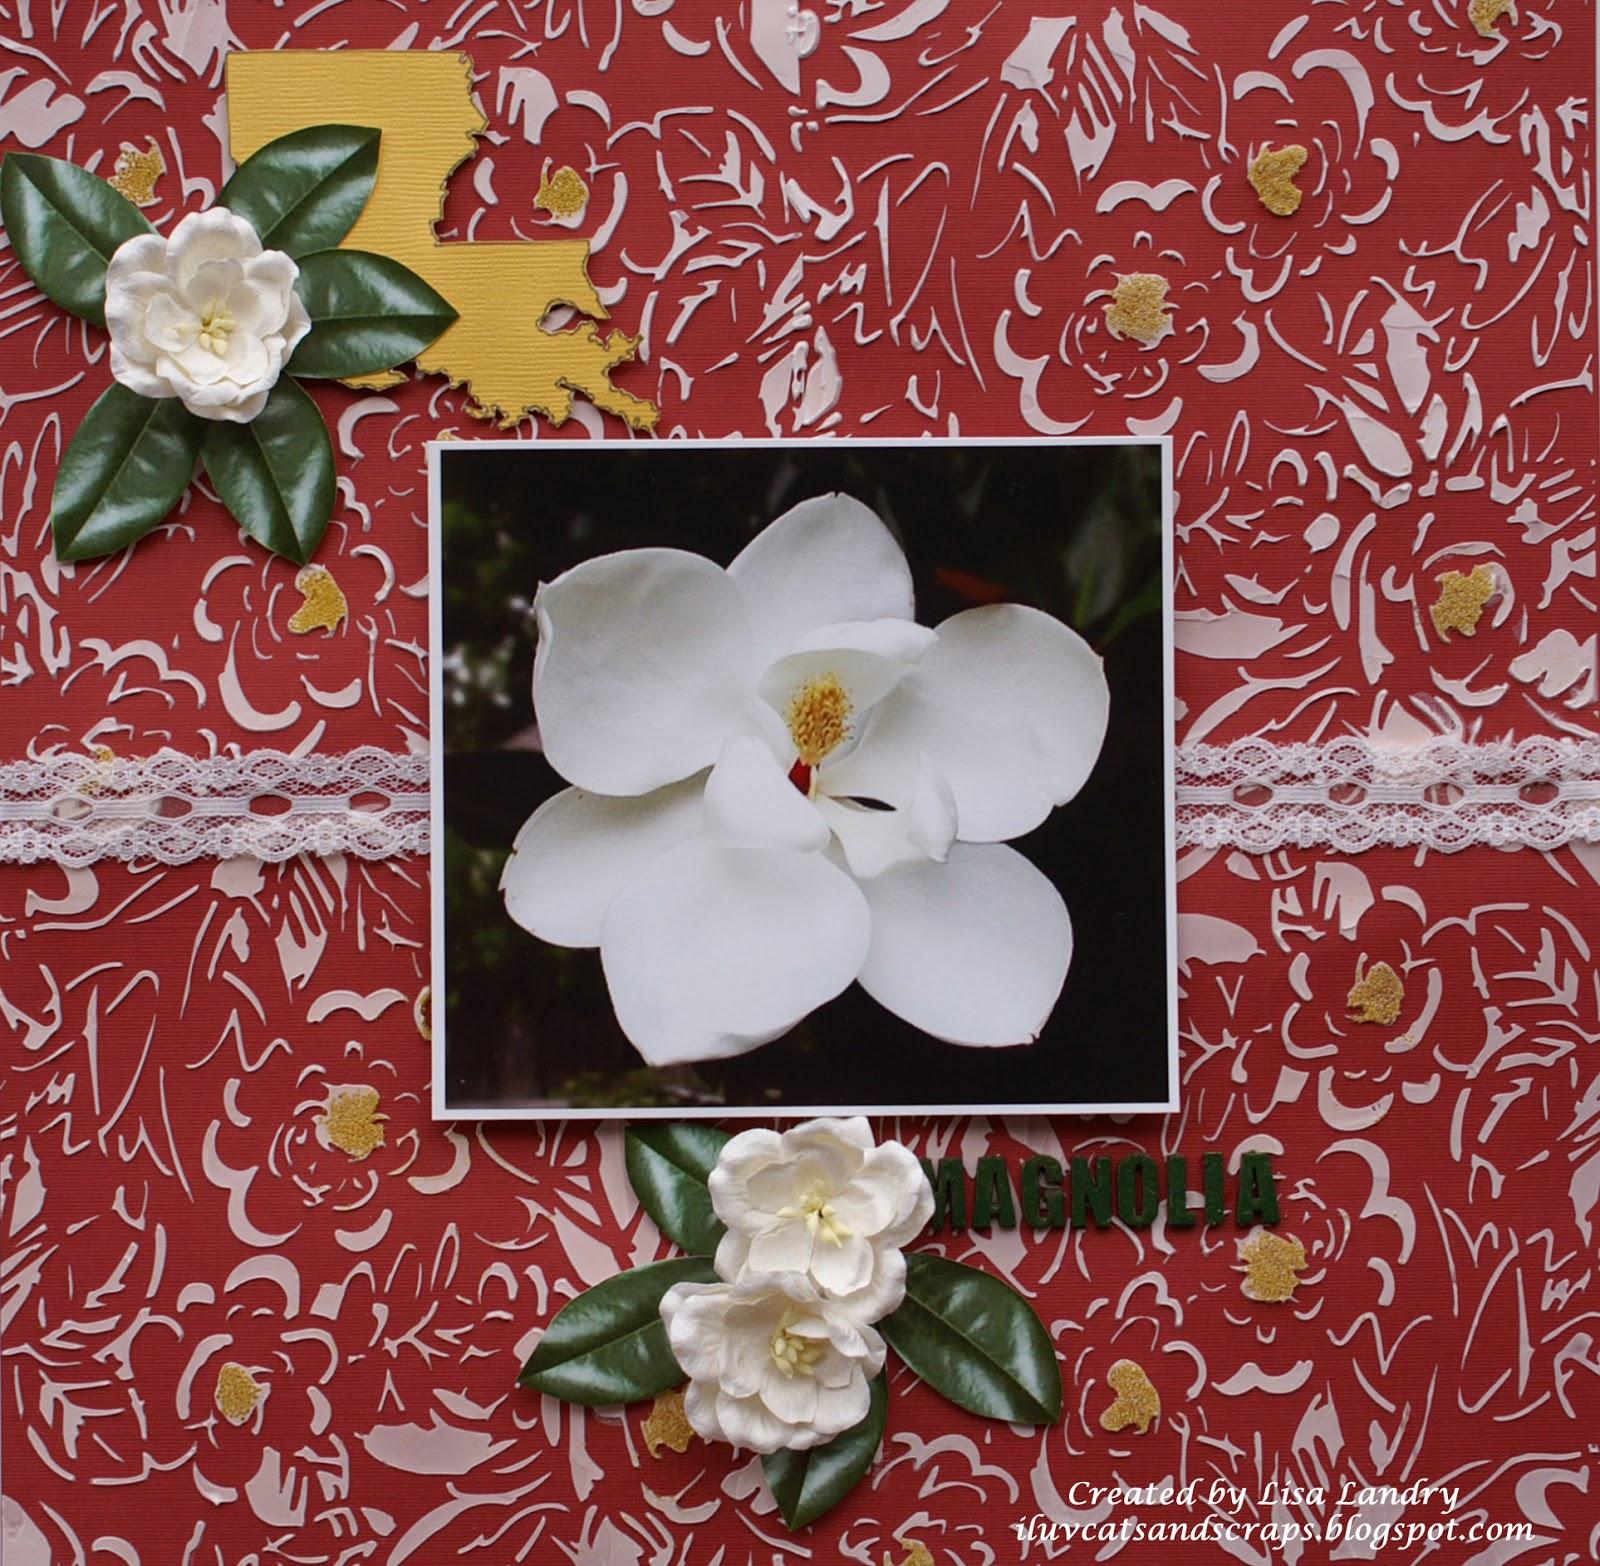 iluvcats and scraps Magnolia